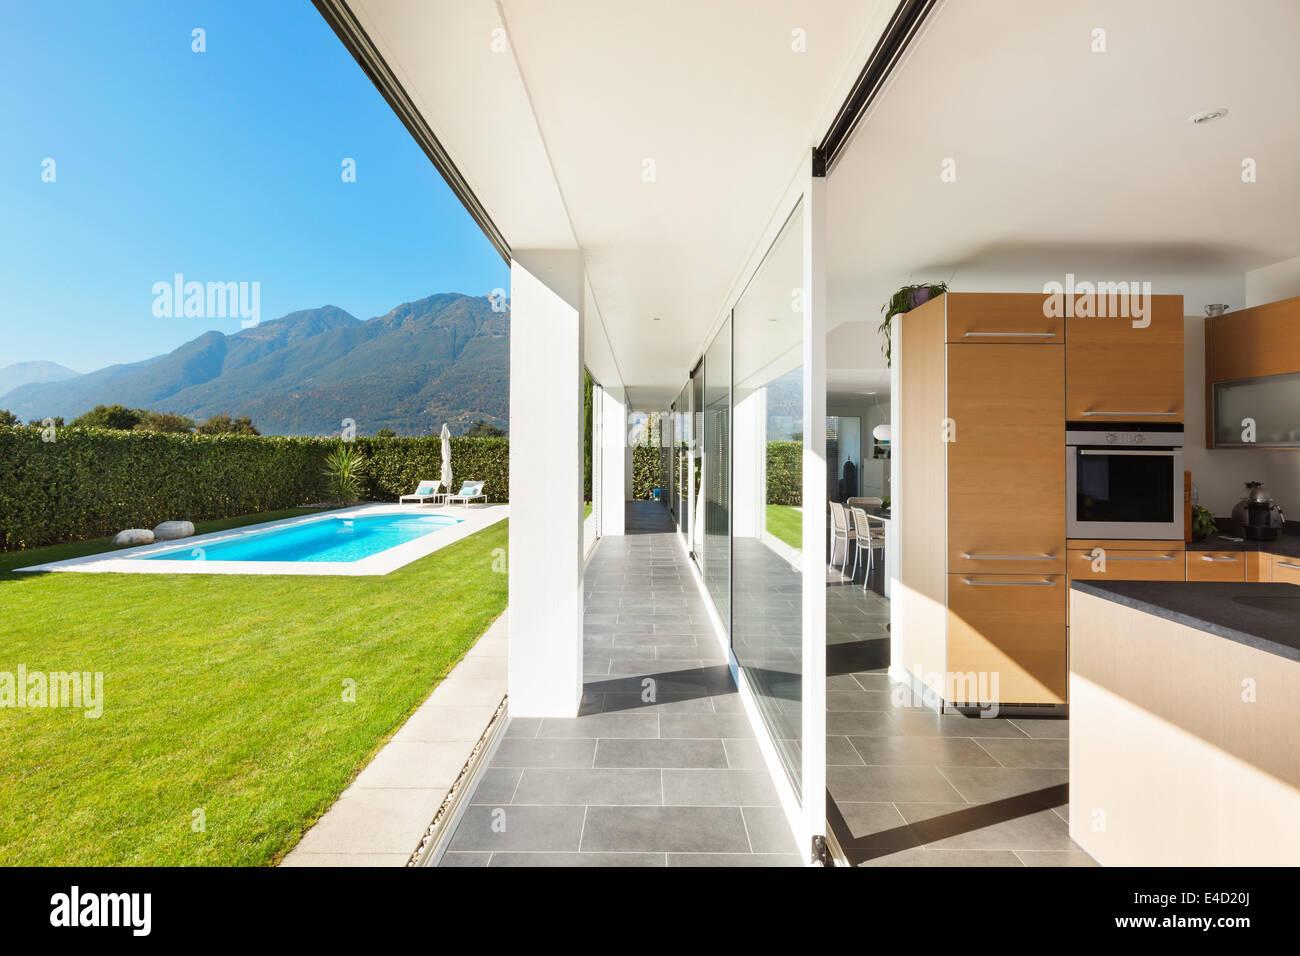 Moderne Villa, Interieur, schöne Küche Stockfoto, Bild: 71587058 - Alamy